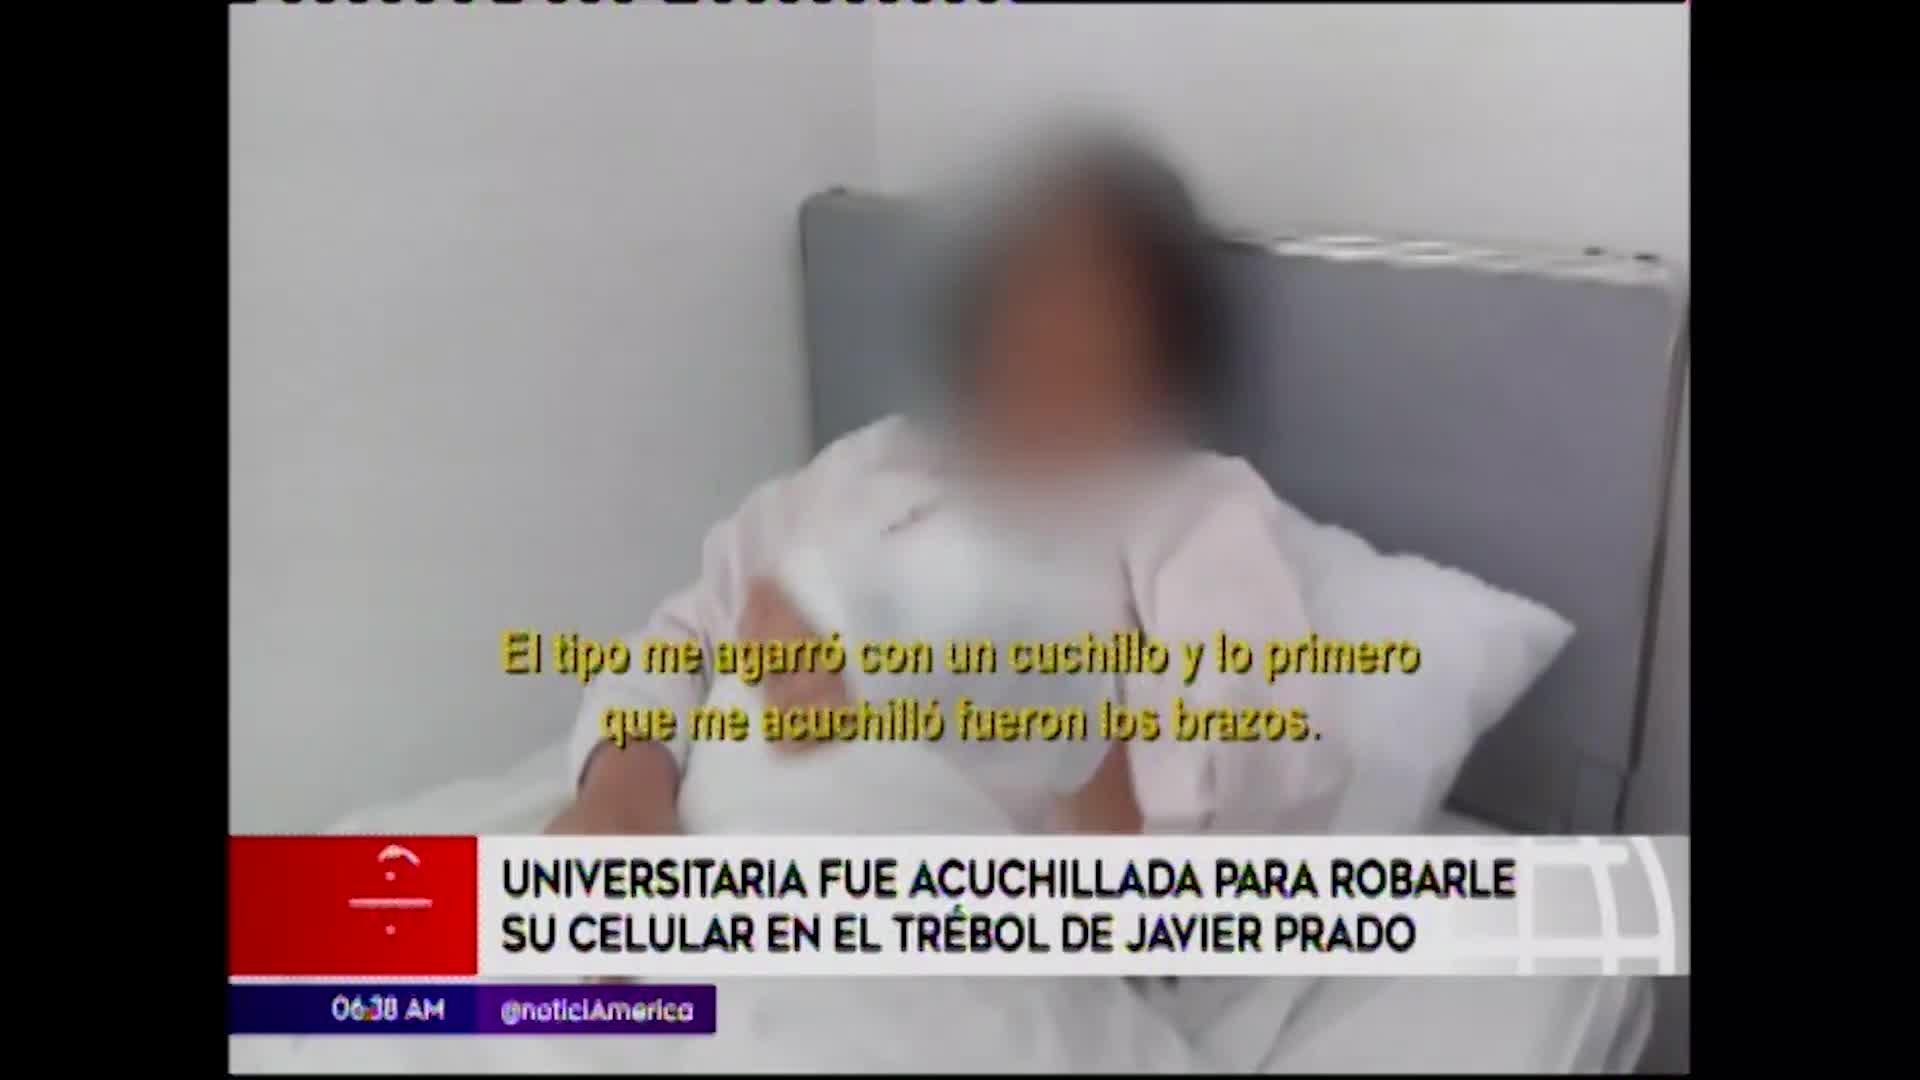 Javier Prado: joven es acuchillada tras sufrir robo en el puente Trébol